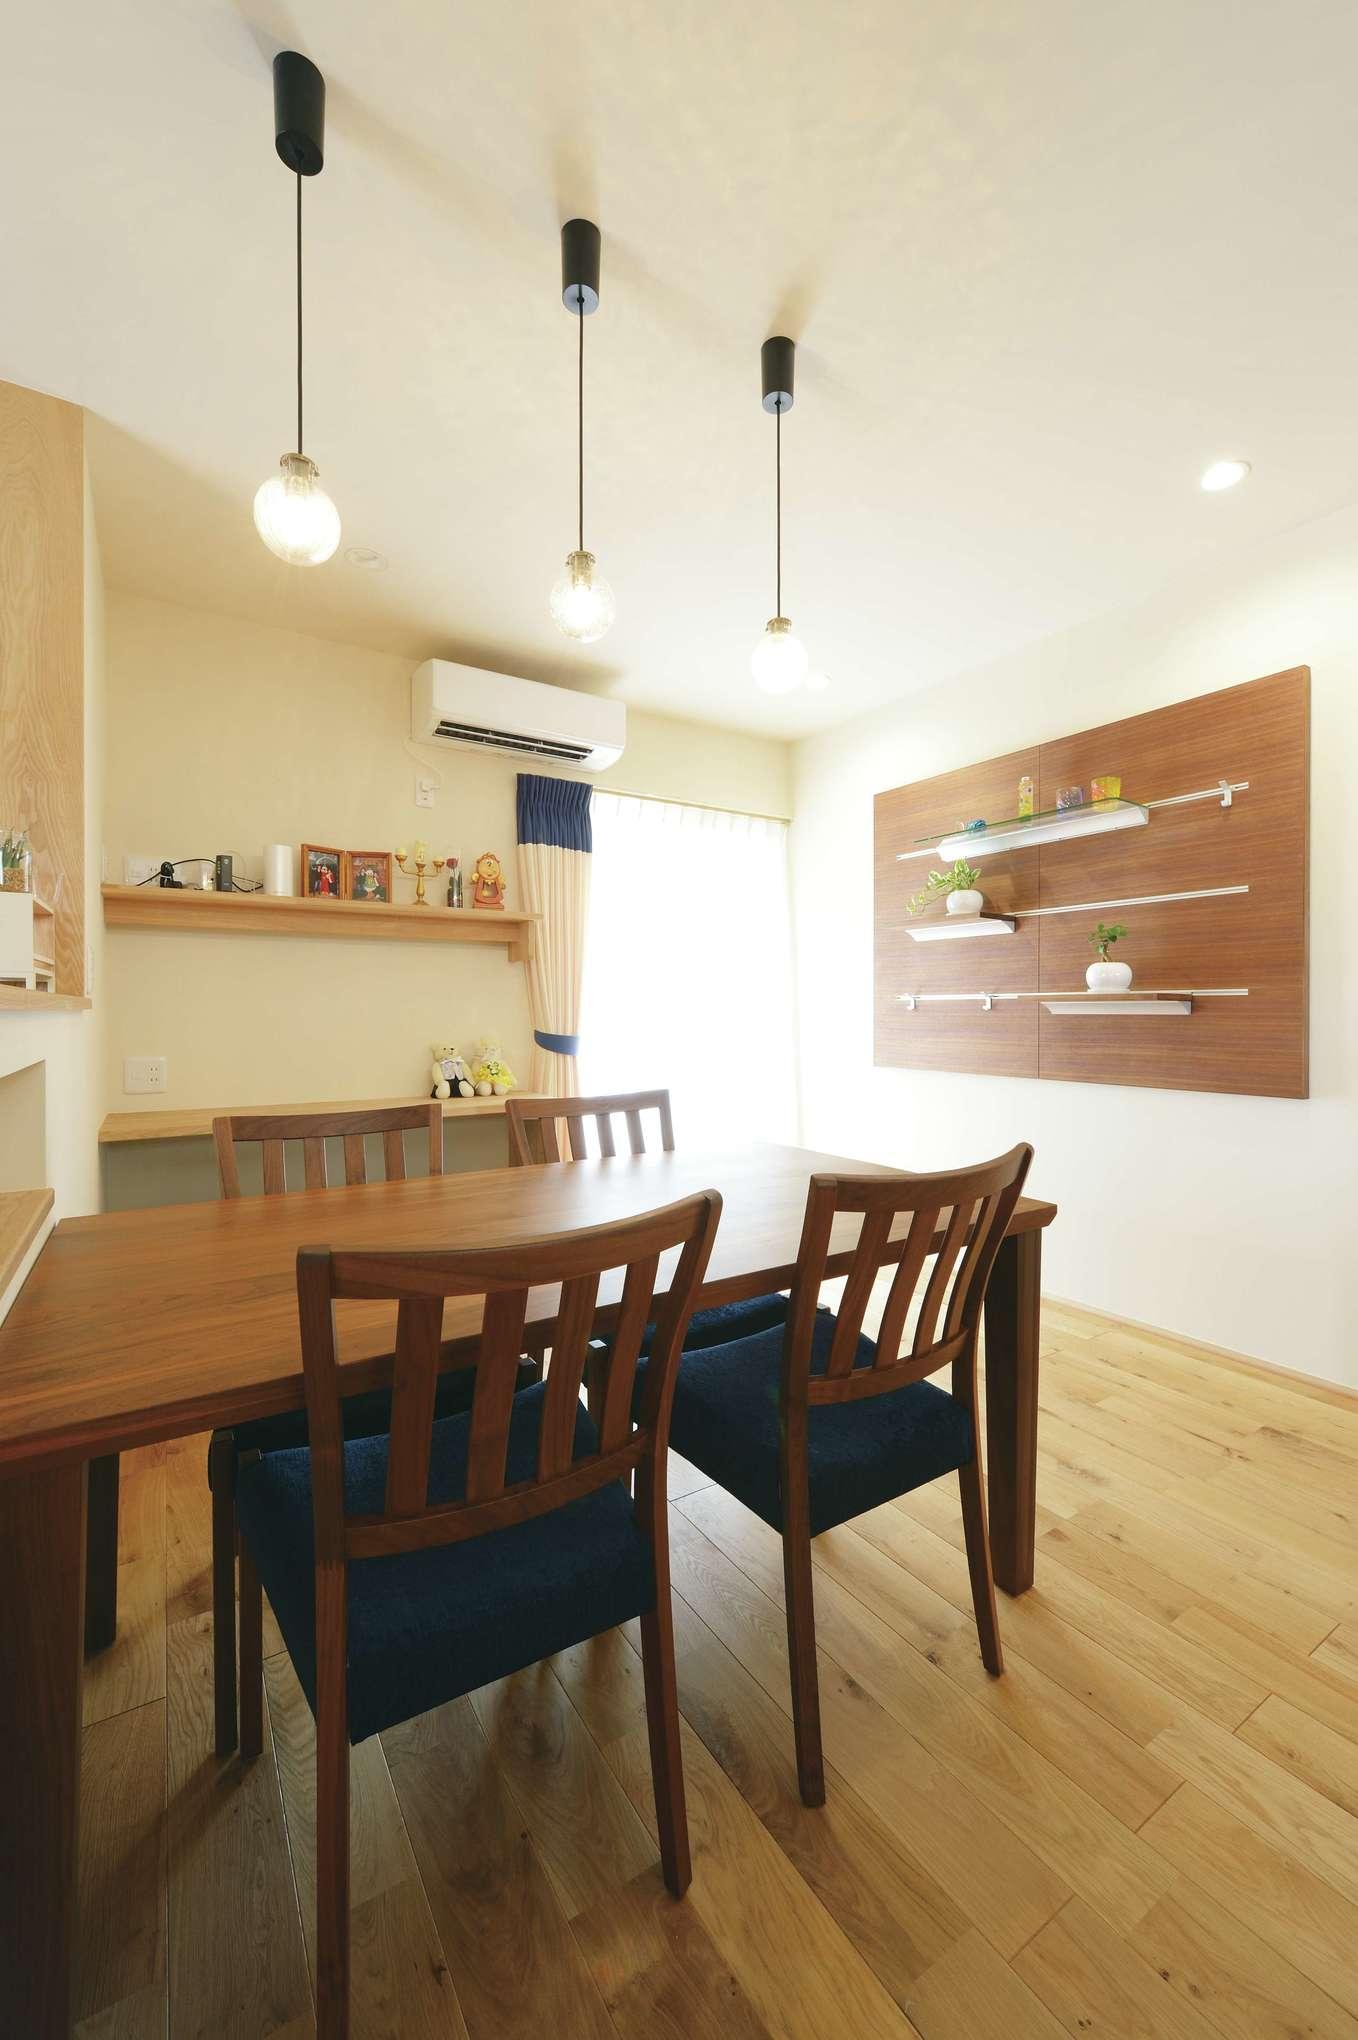 新栄住宅【自然素材、省エネ、間取り】ウォールナットのディスプレイウォールを造作し、暮らしに彩りを